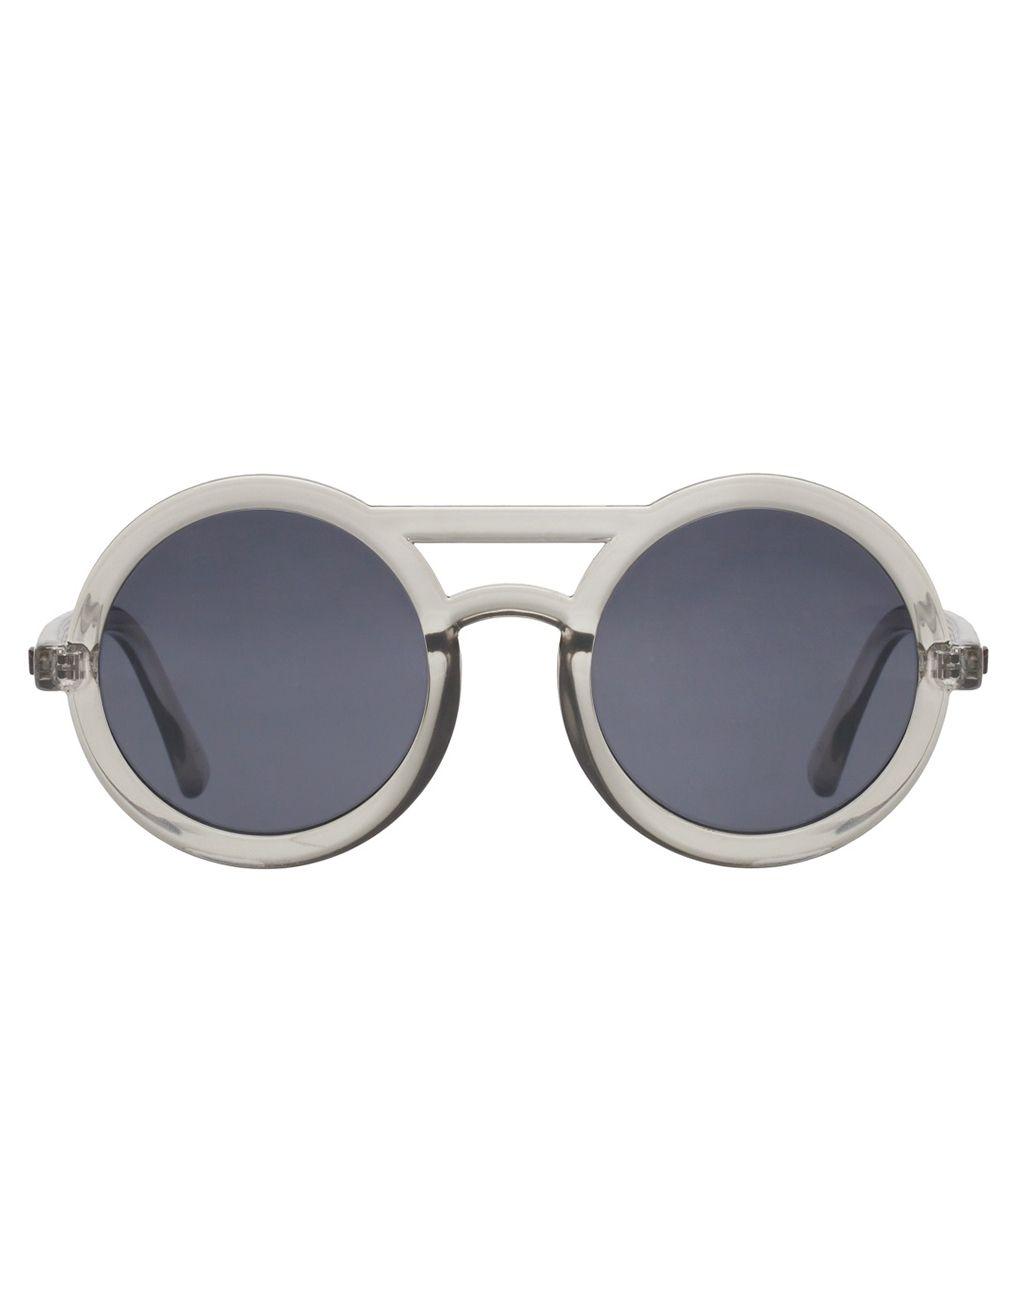 4babfc559f5a0 Óculos Radio Star Khaki Le Specs   Wishlist   Pinterest   Le specs ...